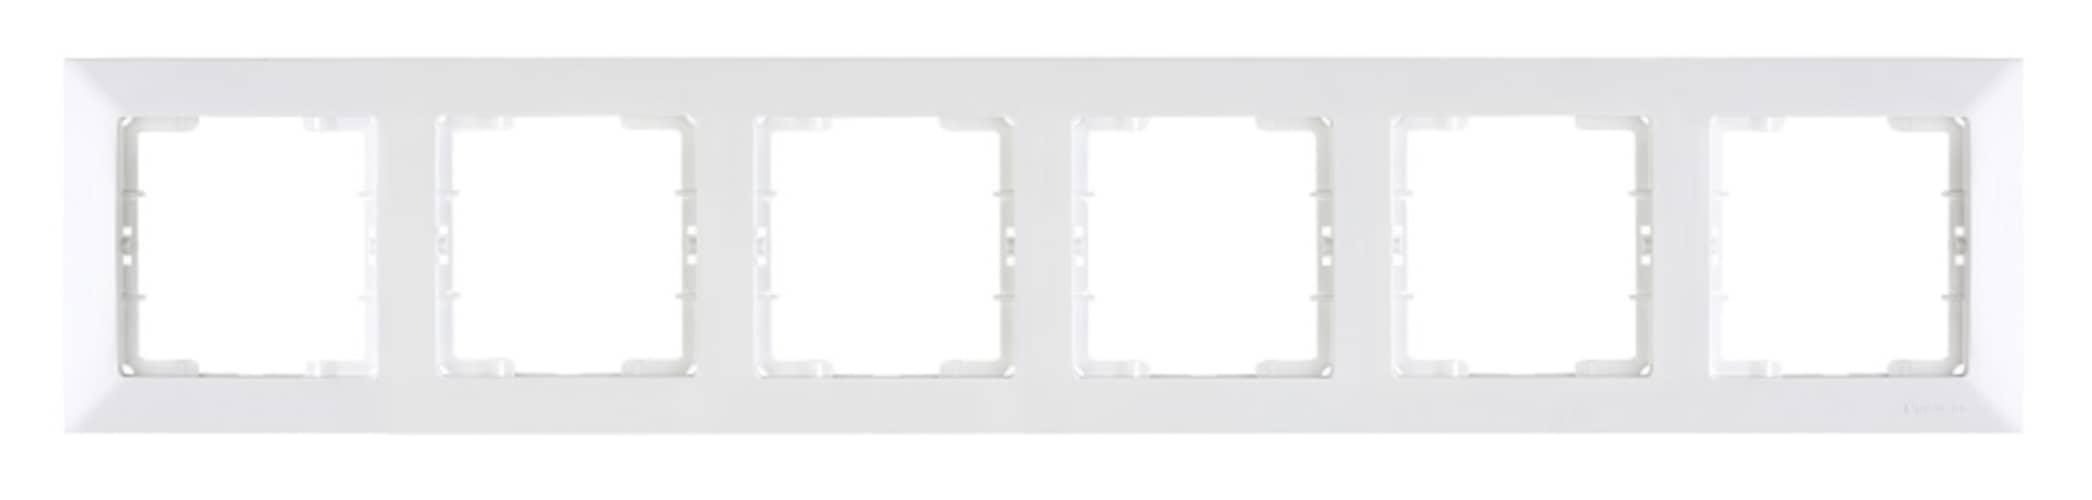 Mutlusan Candela 6-fach Rahmen horizontal weiss für 6 Module